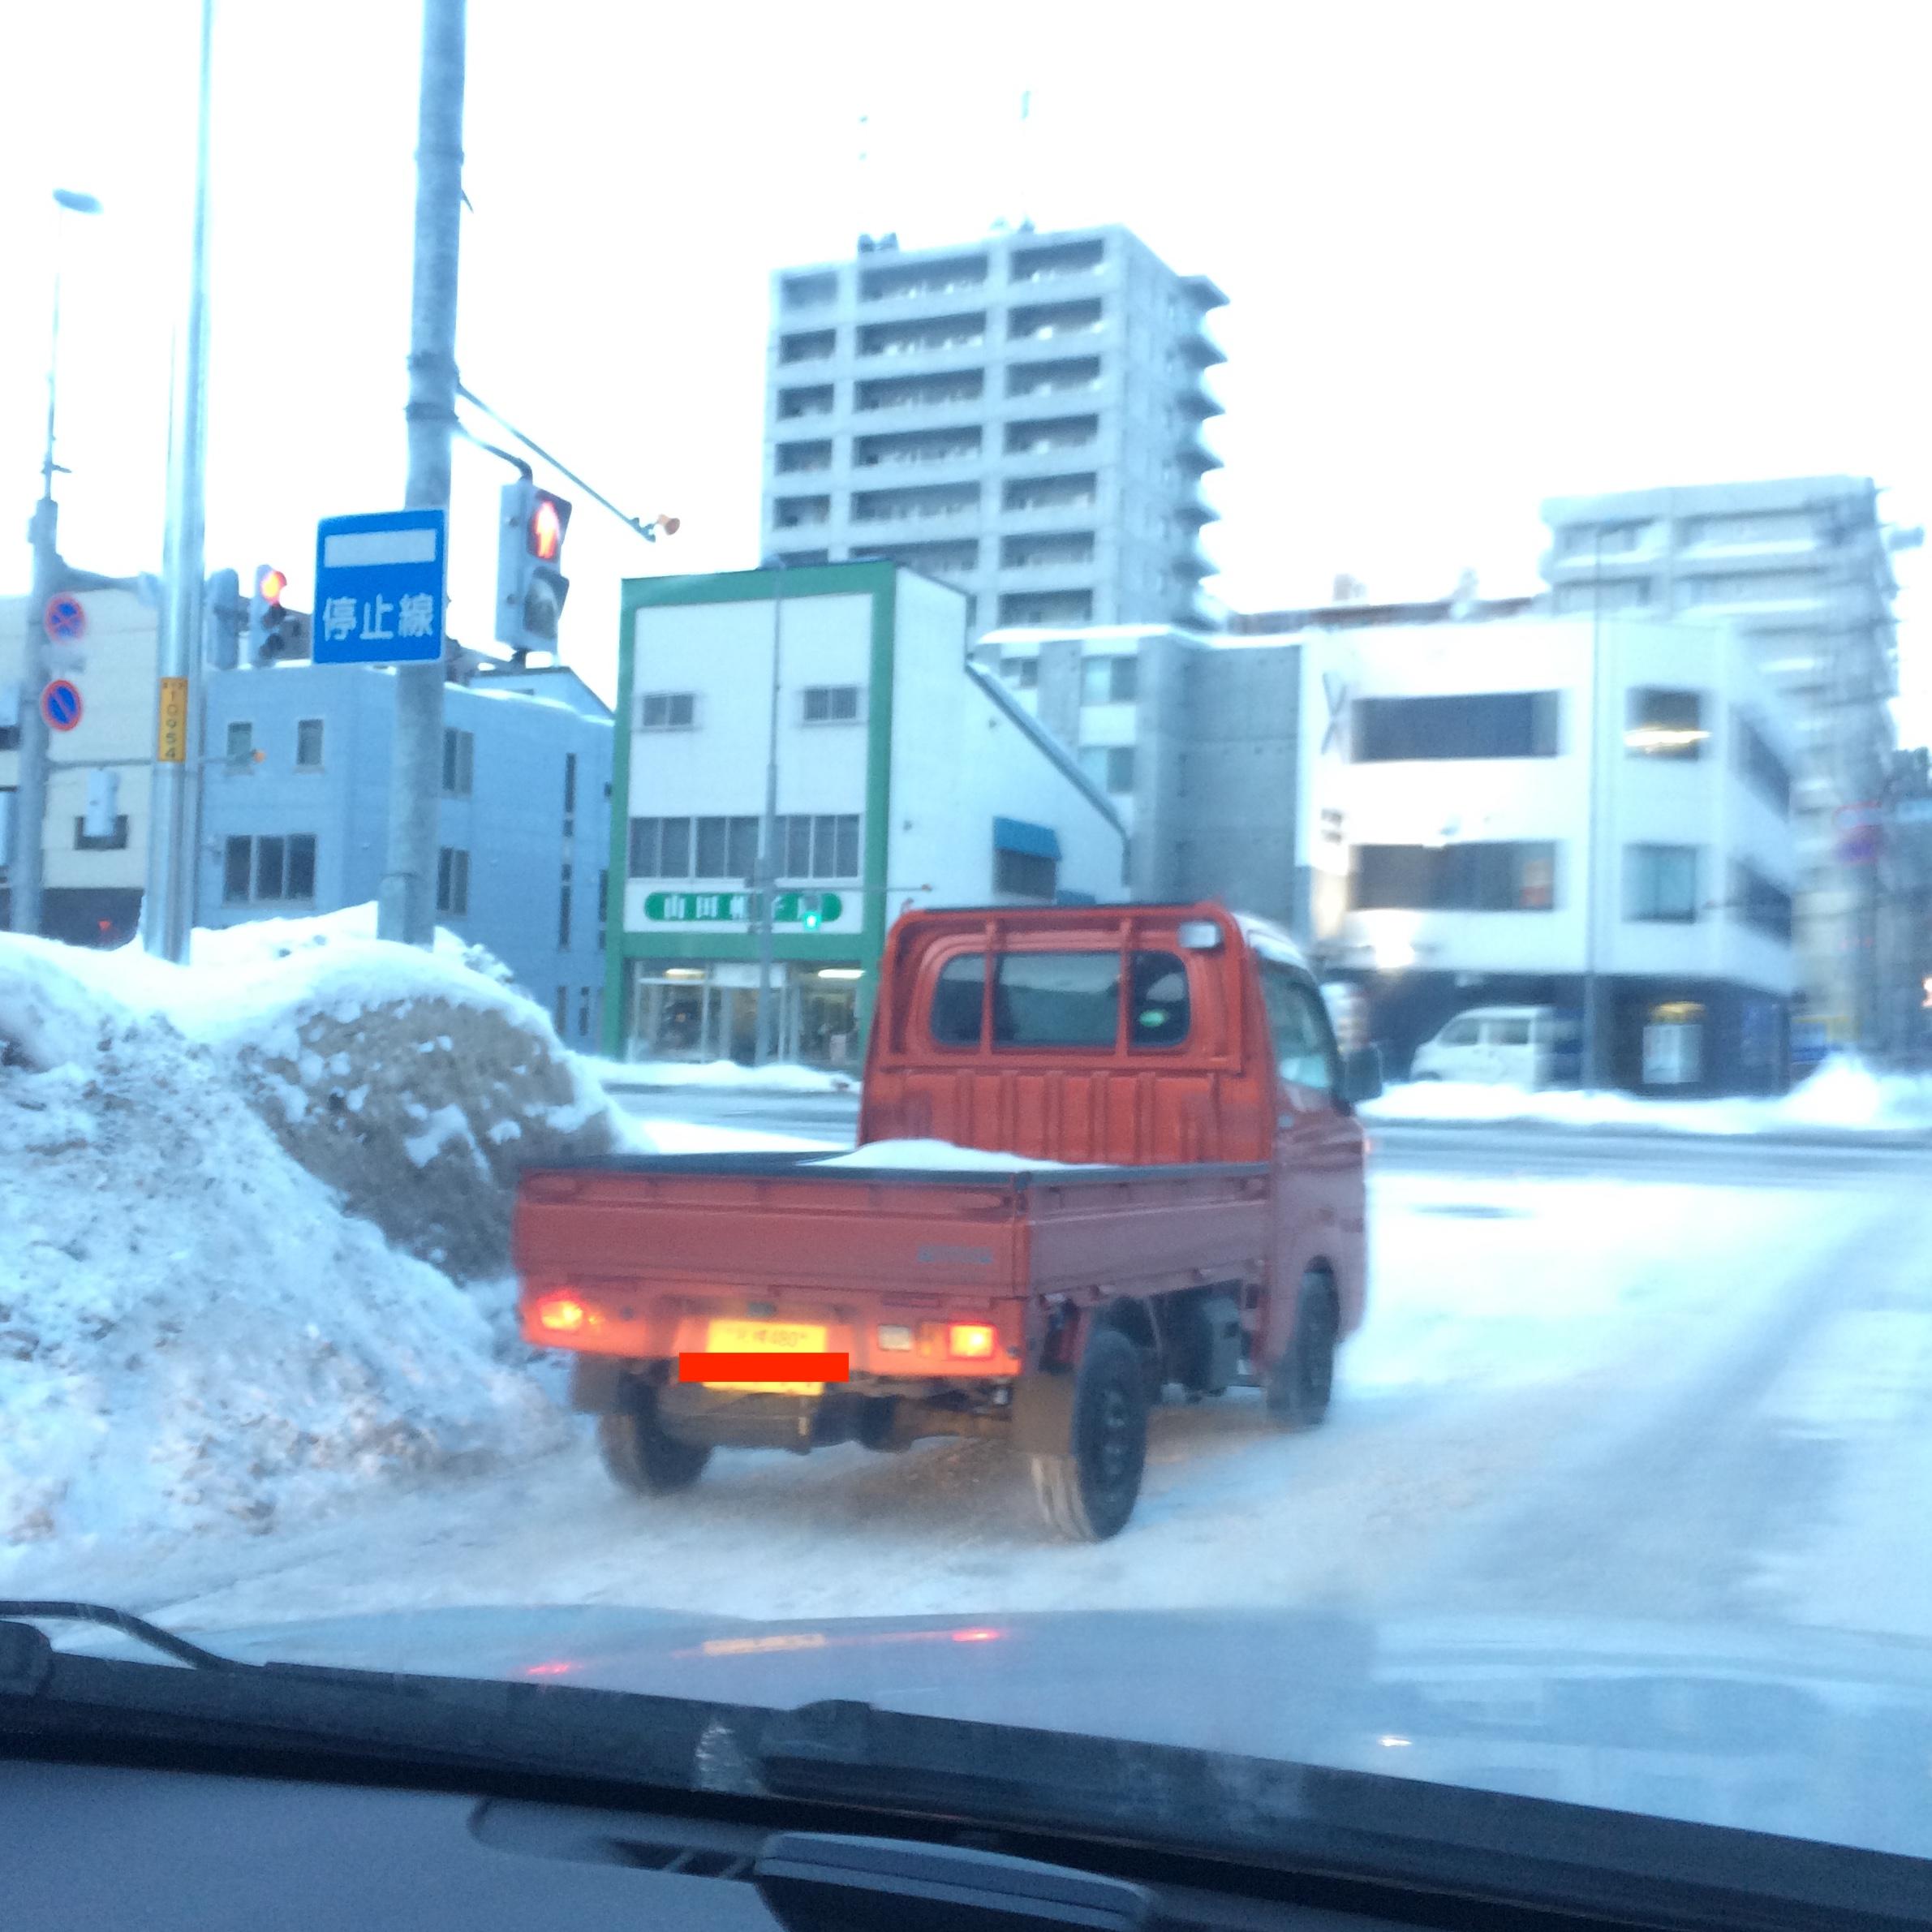 オレンジ色の軽トラックって知ってますか?